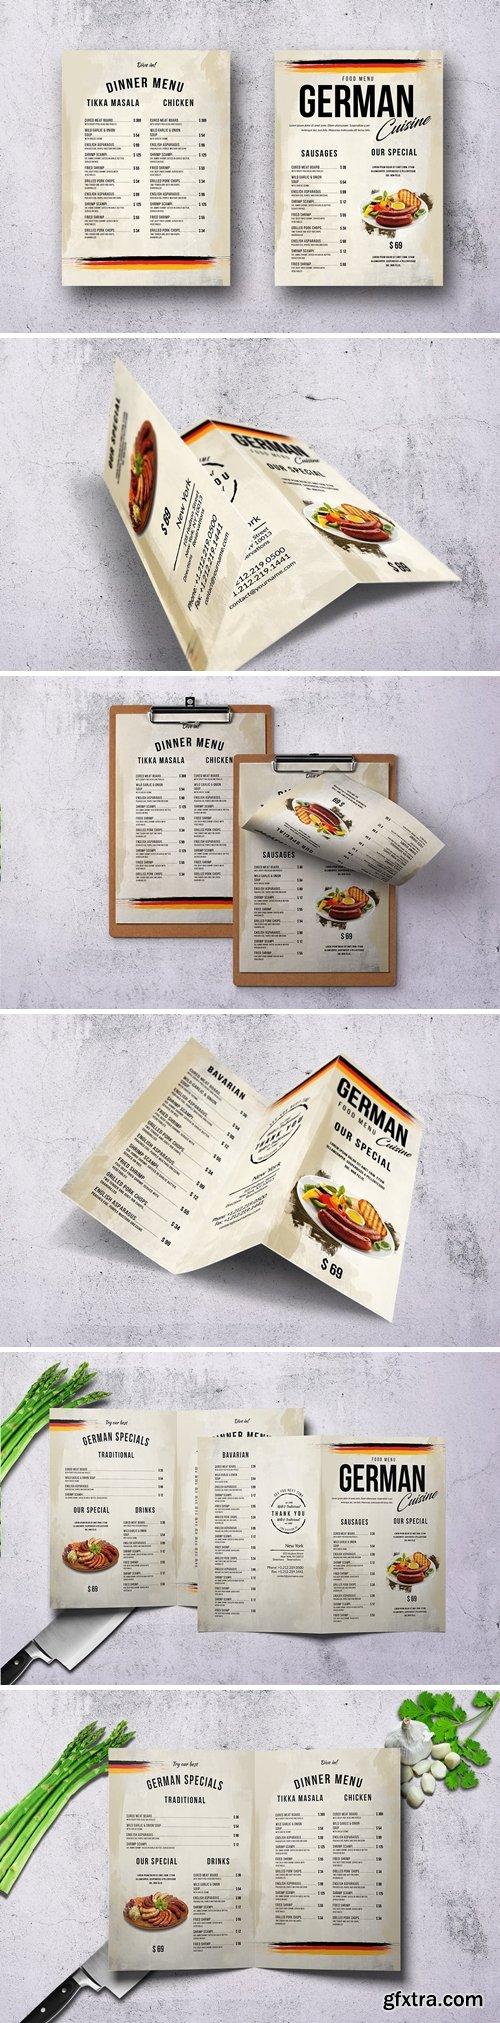 German Cuisine Food Menu Bundle